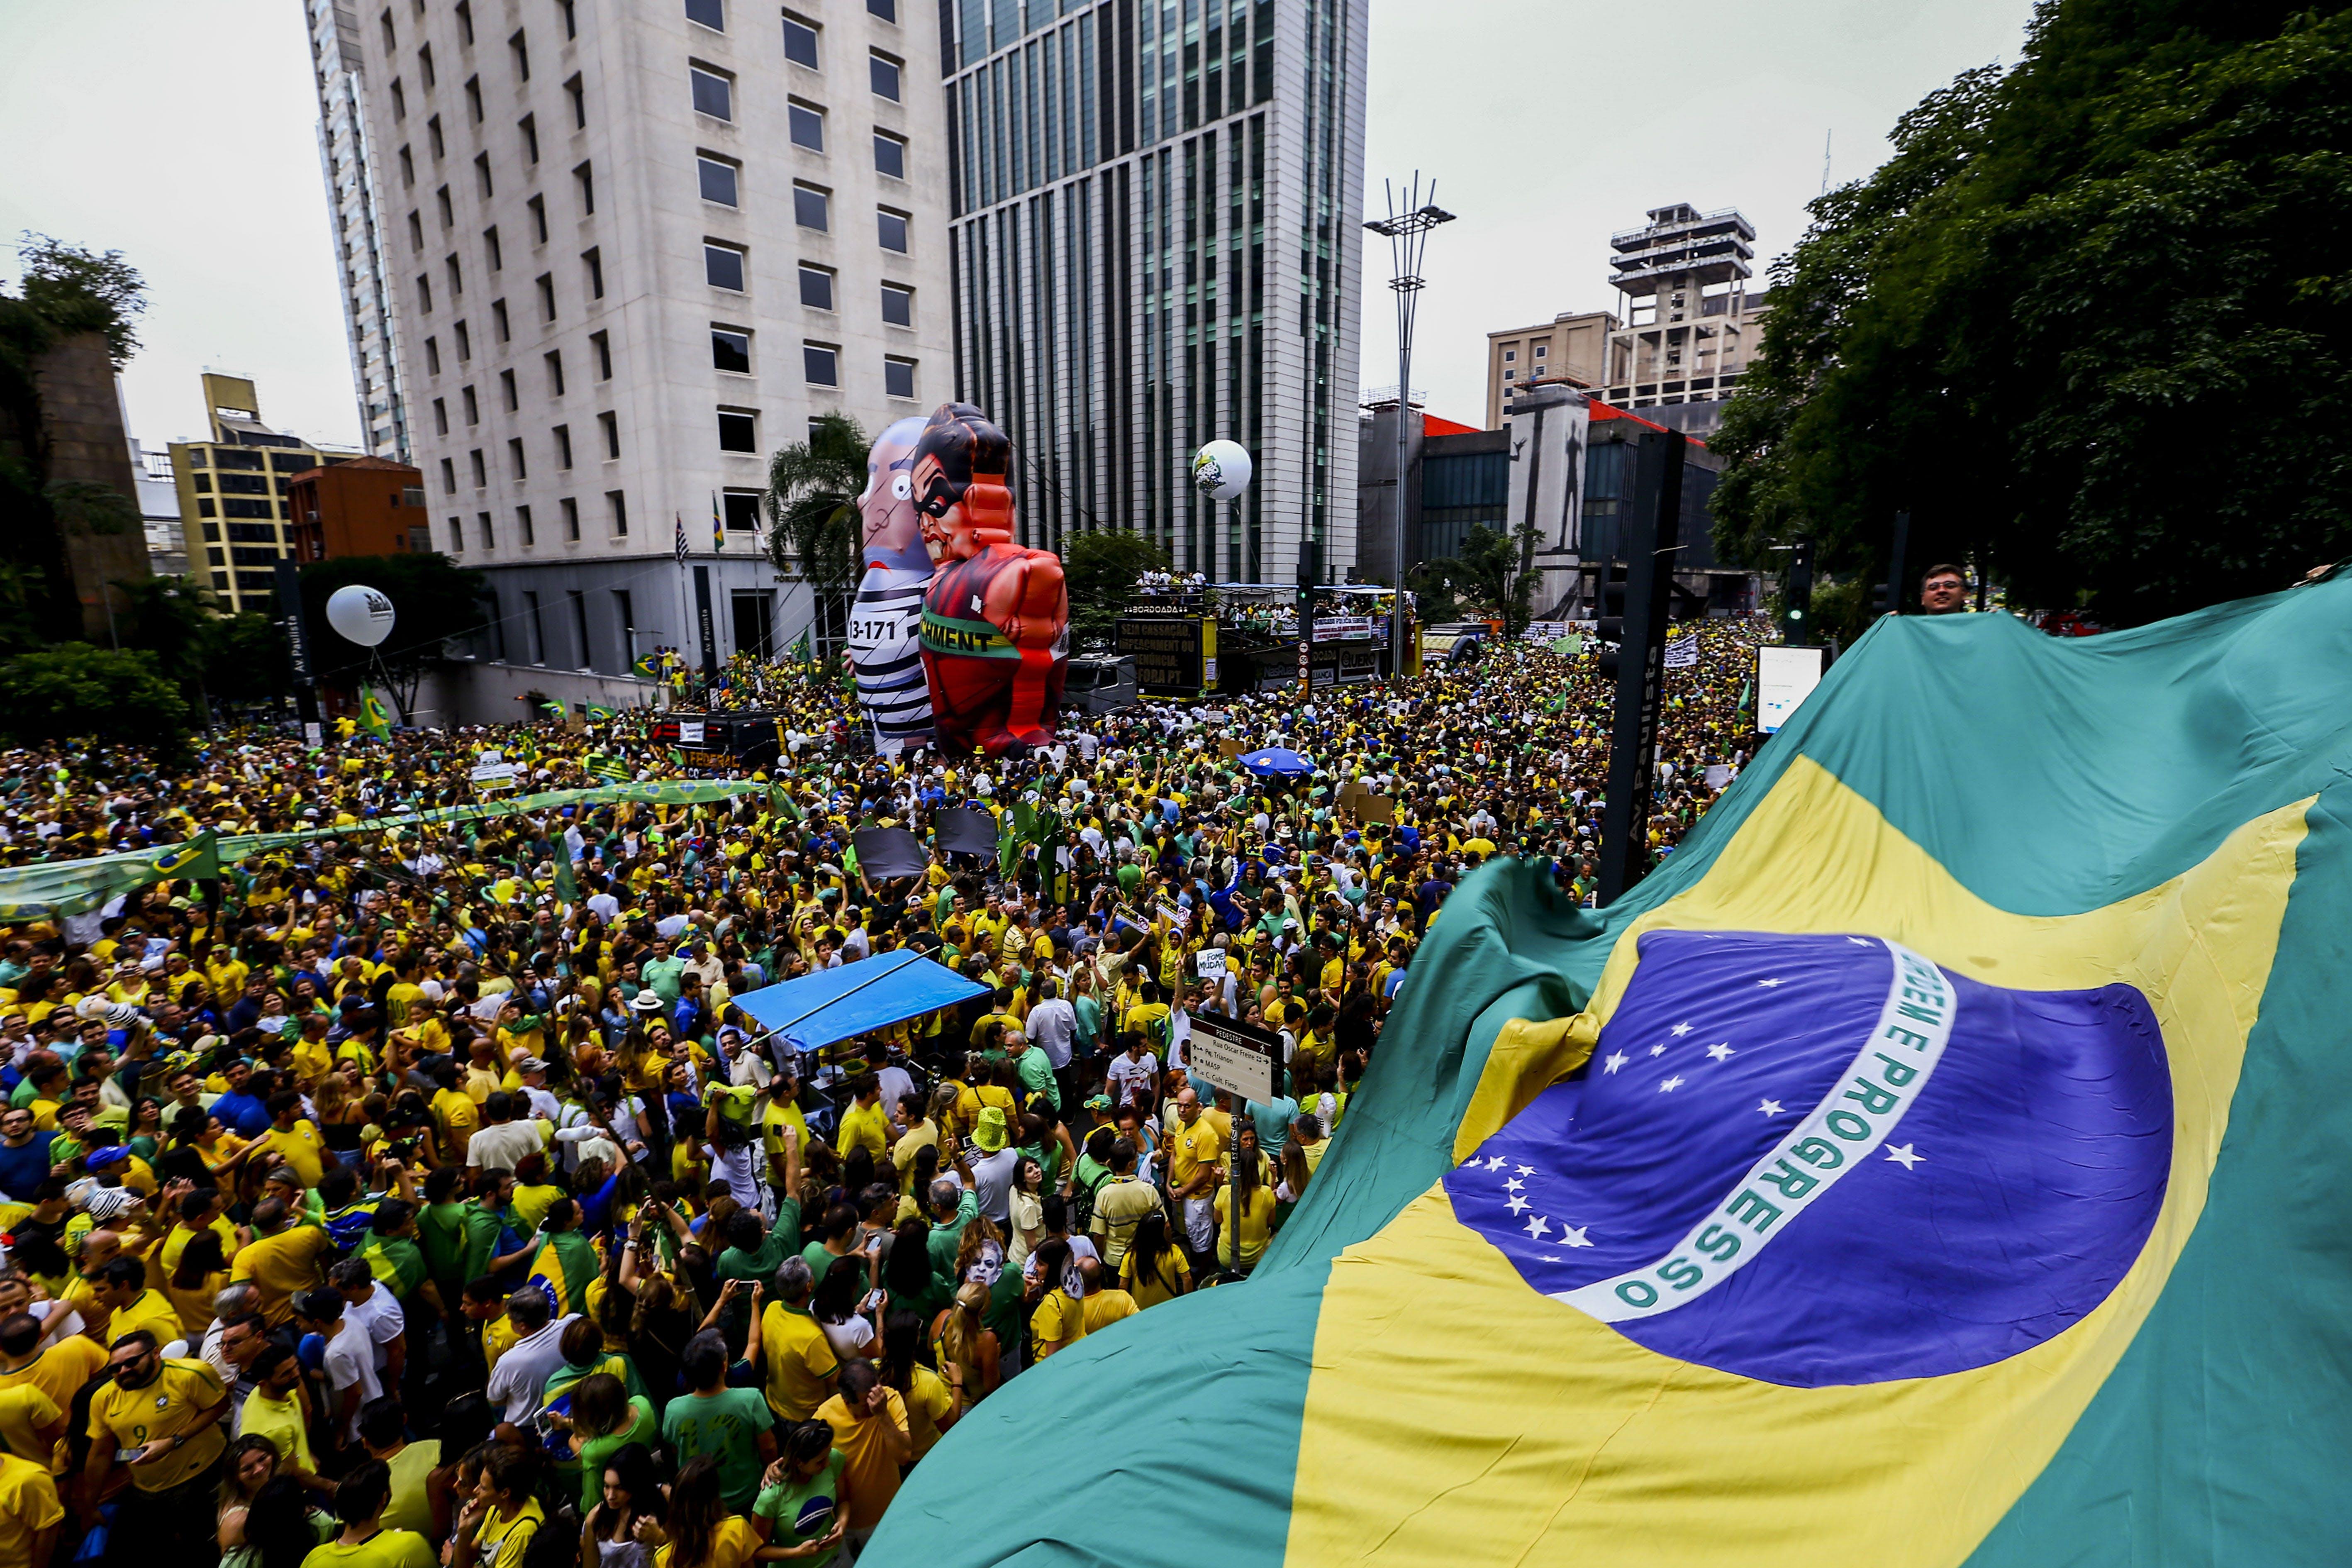 SÃO PAULO, SP, BRASIL, 13.03.2016 -  Manifestantes contrários ao governo de Dilma Rousseff (PT) pedem o seu impeachment e o fim da corrupção, neste domingo (13), na av. Paulista, em São Paulo (SP). O protesto contra a presidente Dilma Rousseff em São Paulo neste domingo (13) é o maior ato político já registrado na cidade, superando inclusive a principal manifestação pelas Diretas Já, em 1984.(Foto: Adriano Vizoni/Folhapress)